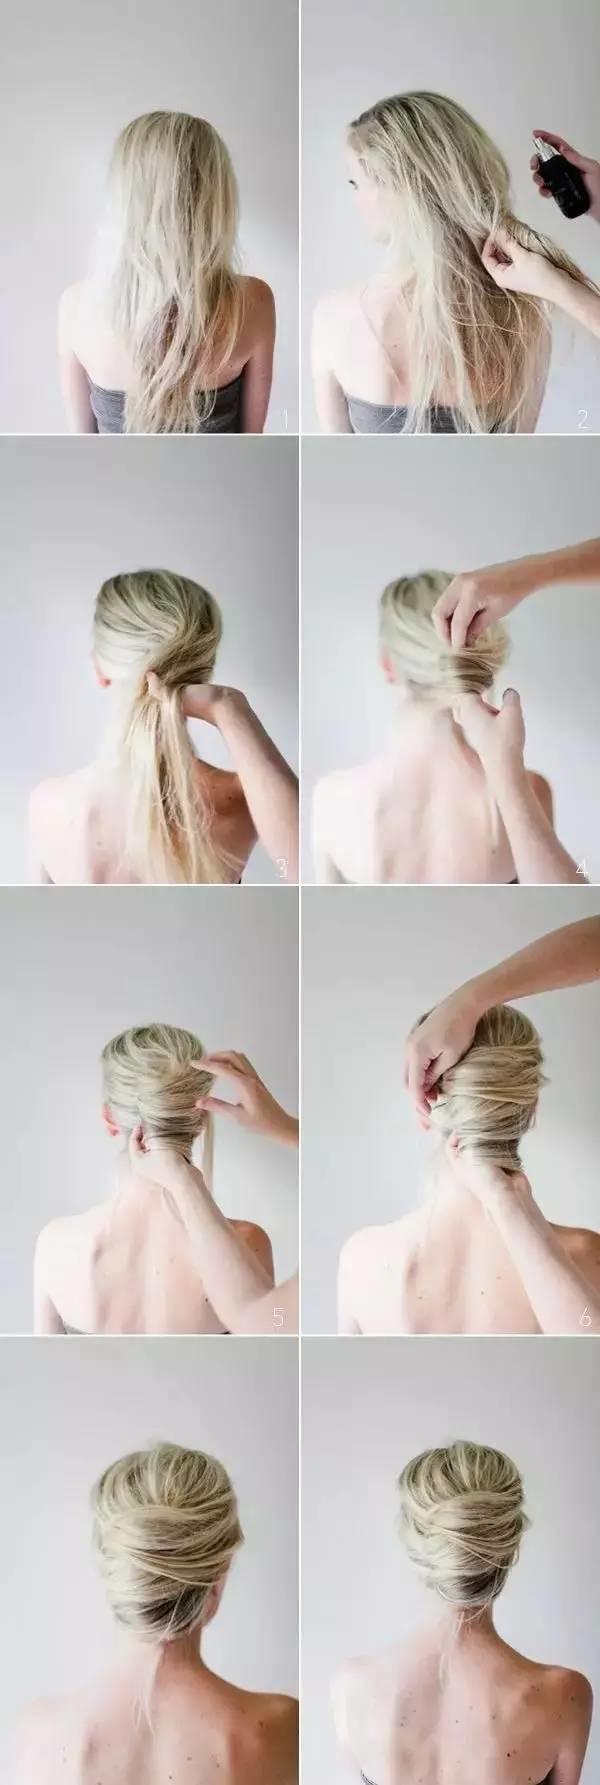 冬季女人别披散着头发显得太臃肿,这样扎起来利落更时尚!